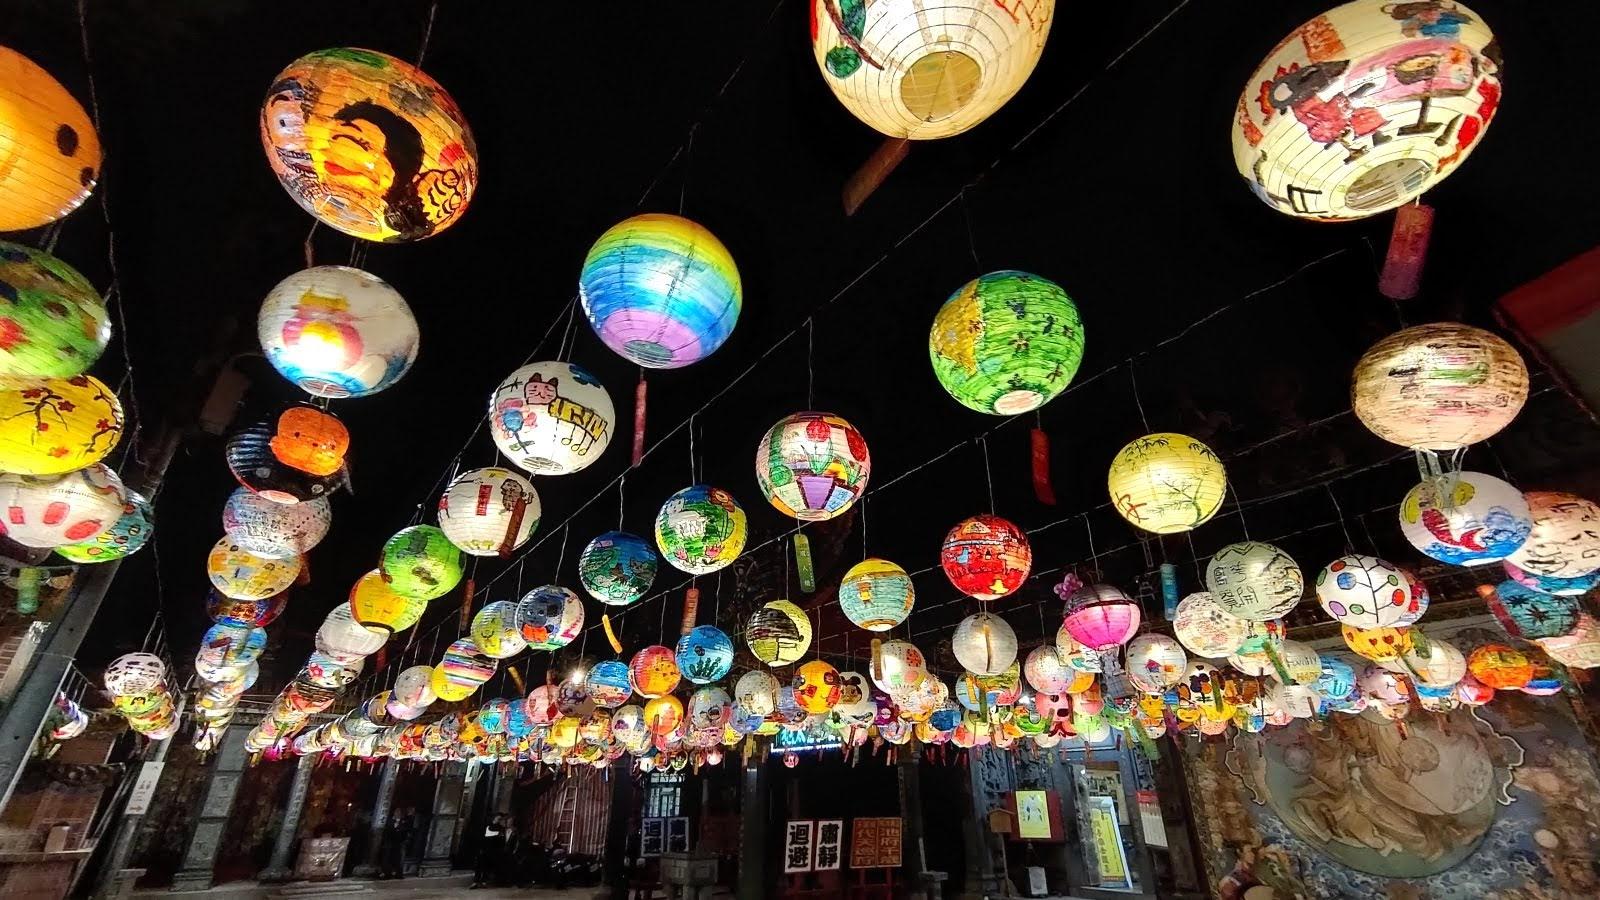 [活動] 2020第八屆府城普濟燈會|1/19迓花燈踩街嘉年華登場|1500盞彩繪花燈再次點亮府城